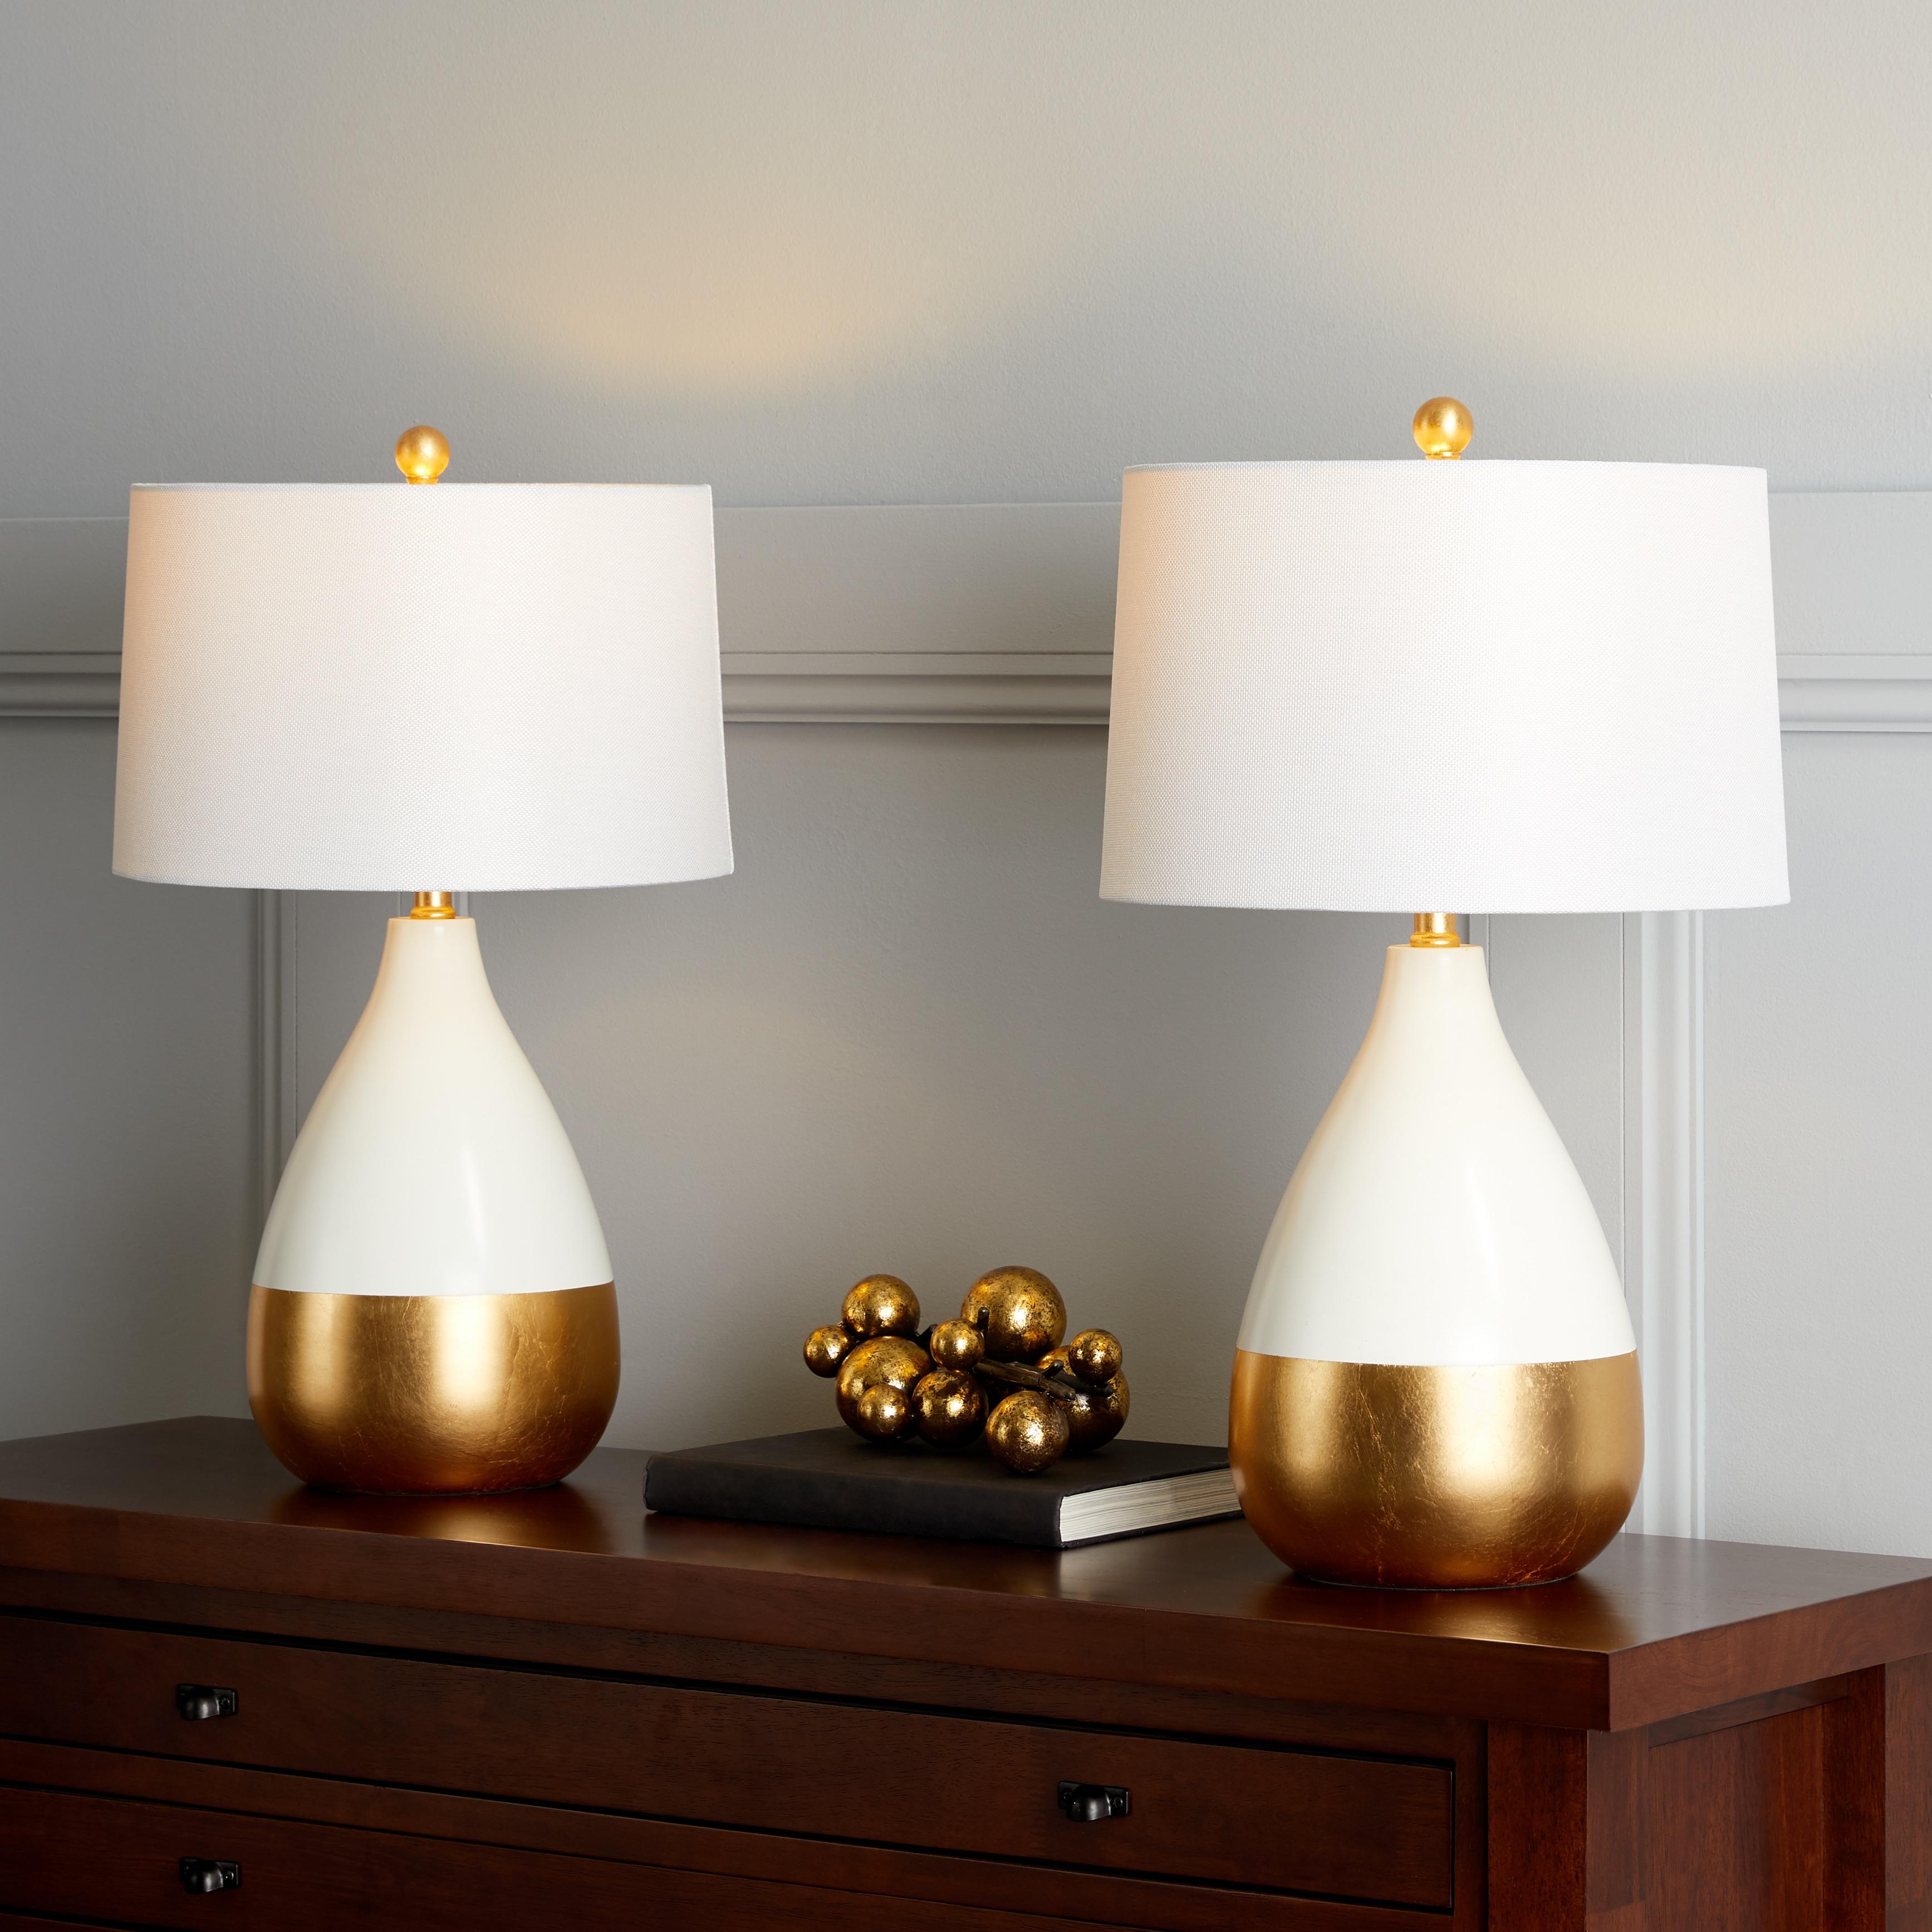 Shop Safavieh Lighting 24 inch Kingship White Gold